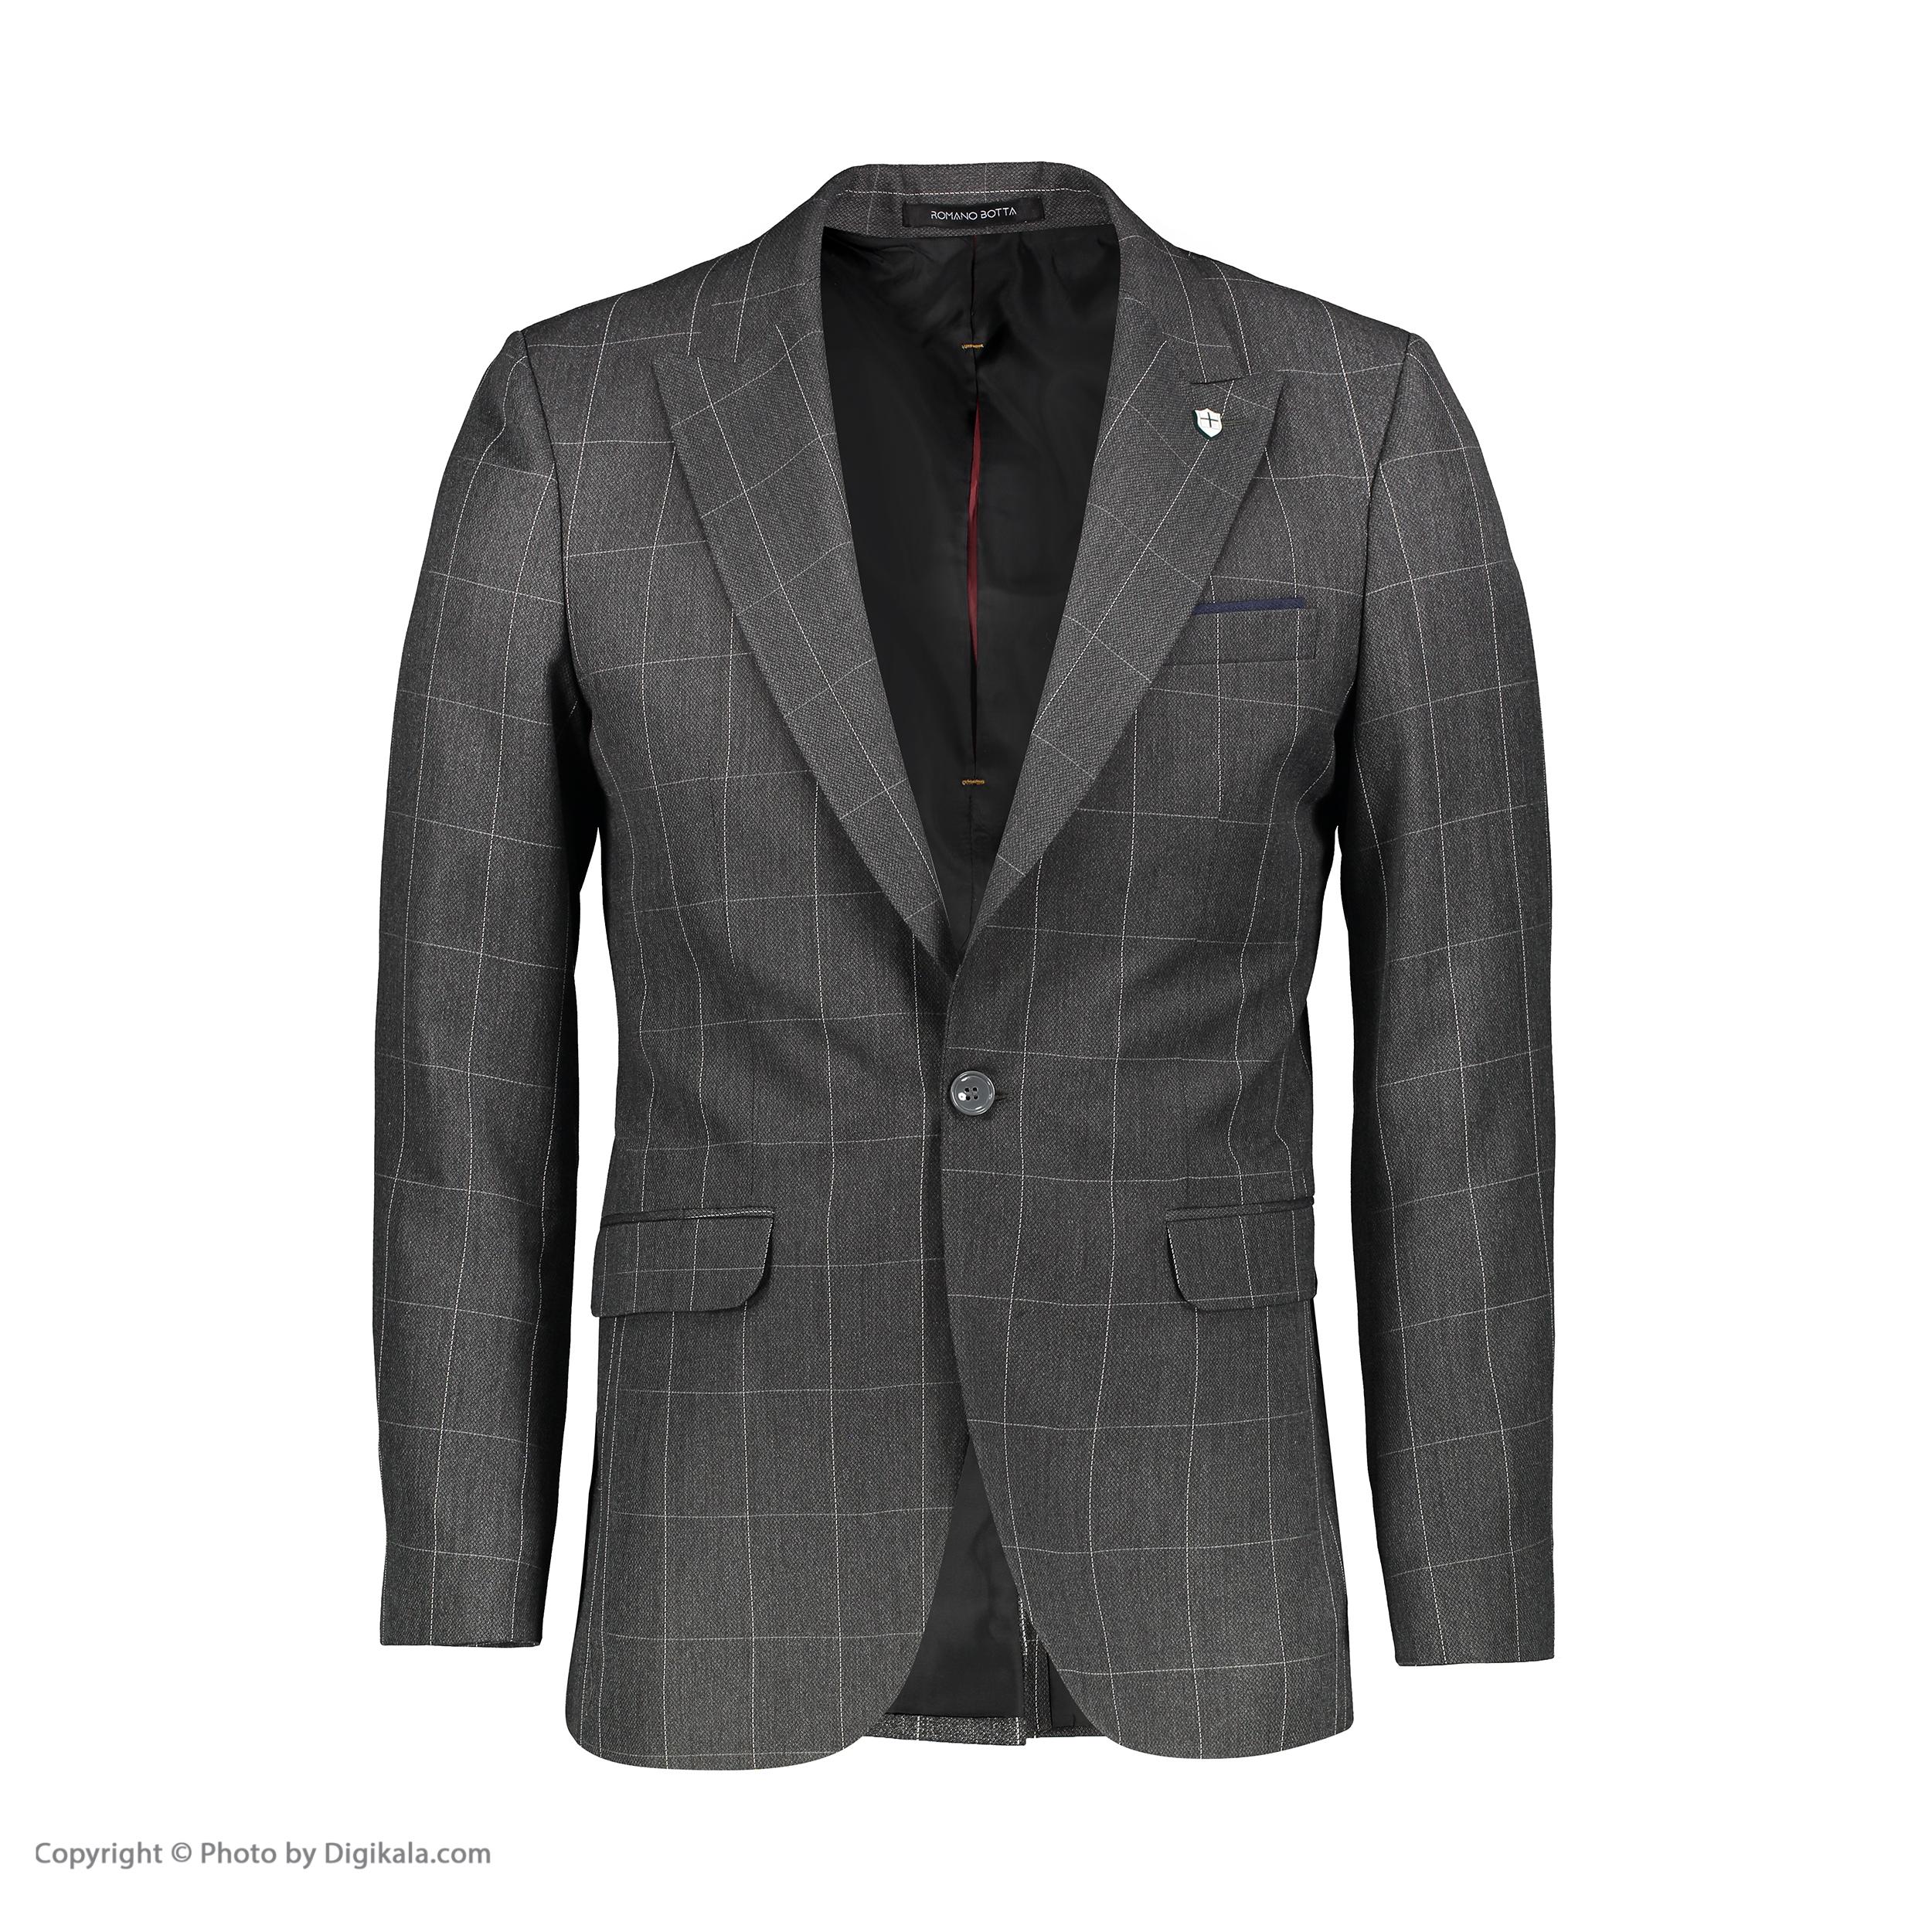 کت تک مردانه رومانو بوتا مدل gh174